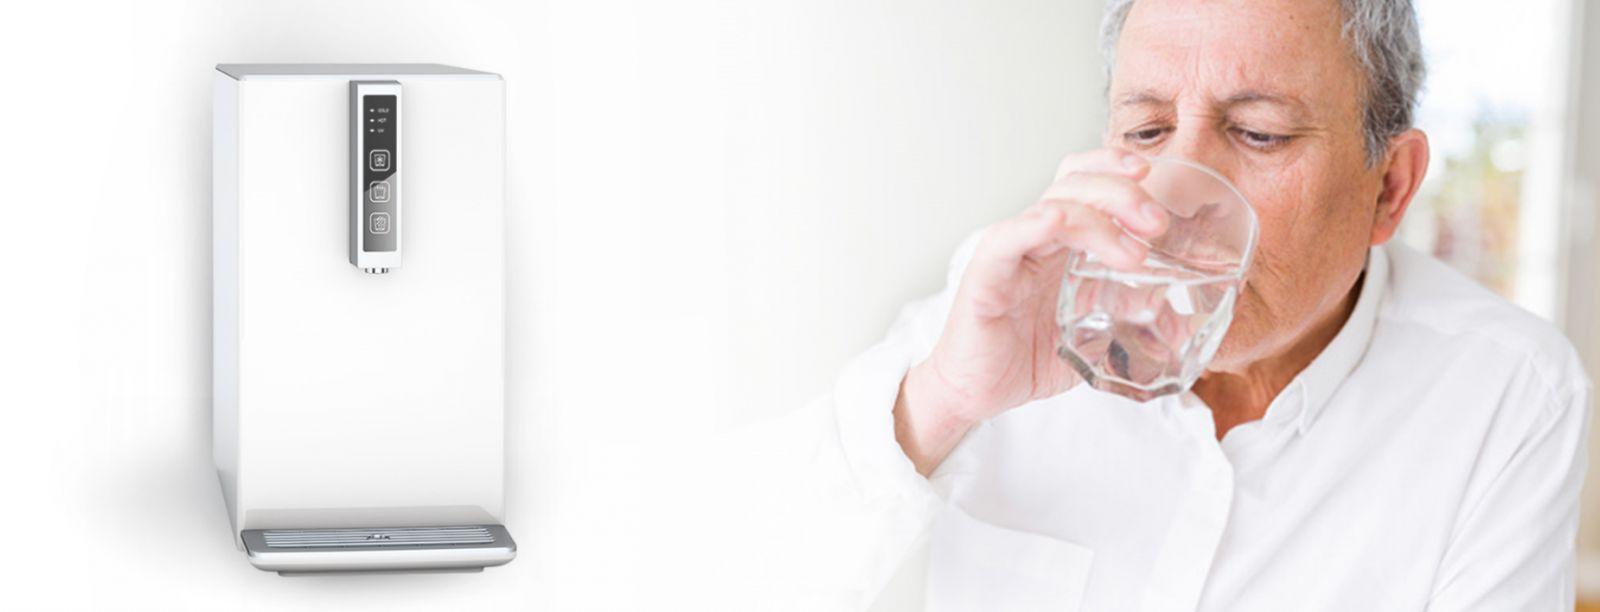 105 banner - Auftisch-Tafelwasseranlage SPRUDELUX® BLACK & WHITE DIAMOND EDITION